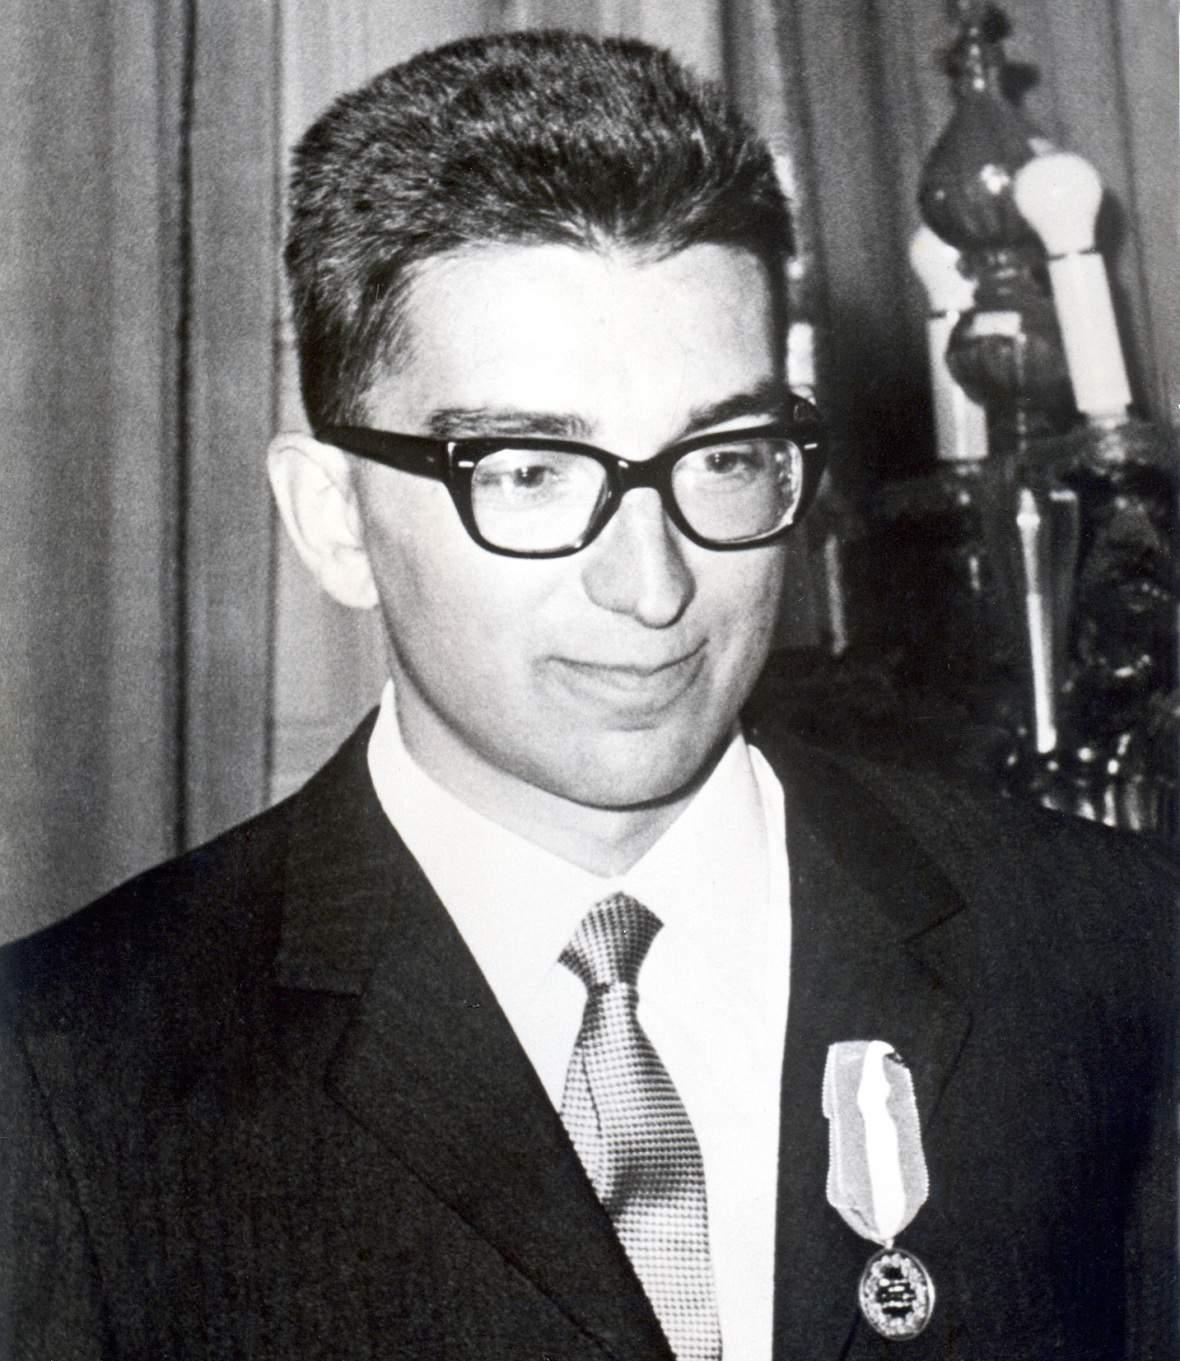 Gianni Ribaldone alla consegna della Medaglia d'Oro al Valor Civile, maggio 1966